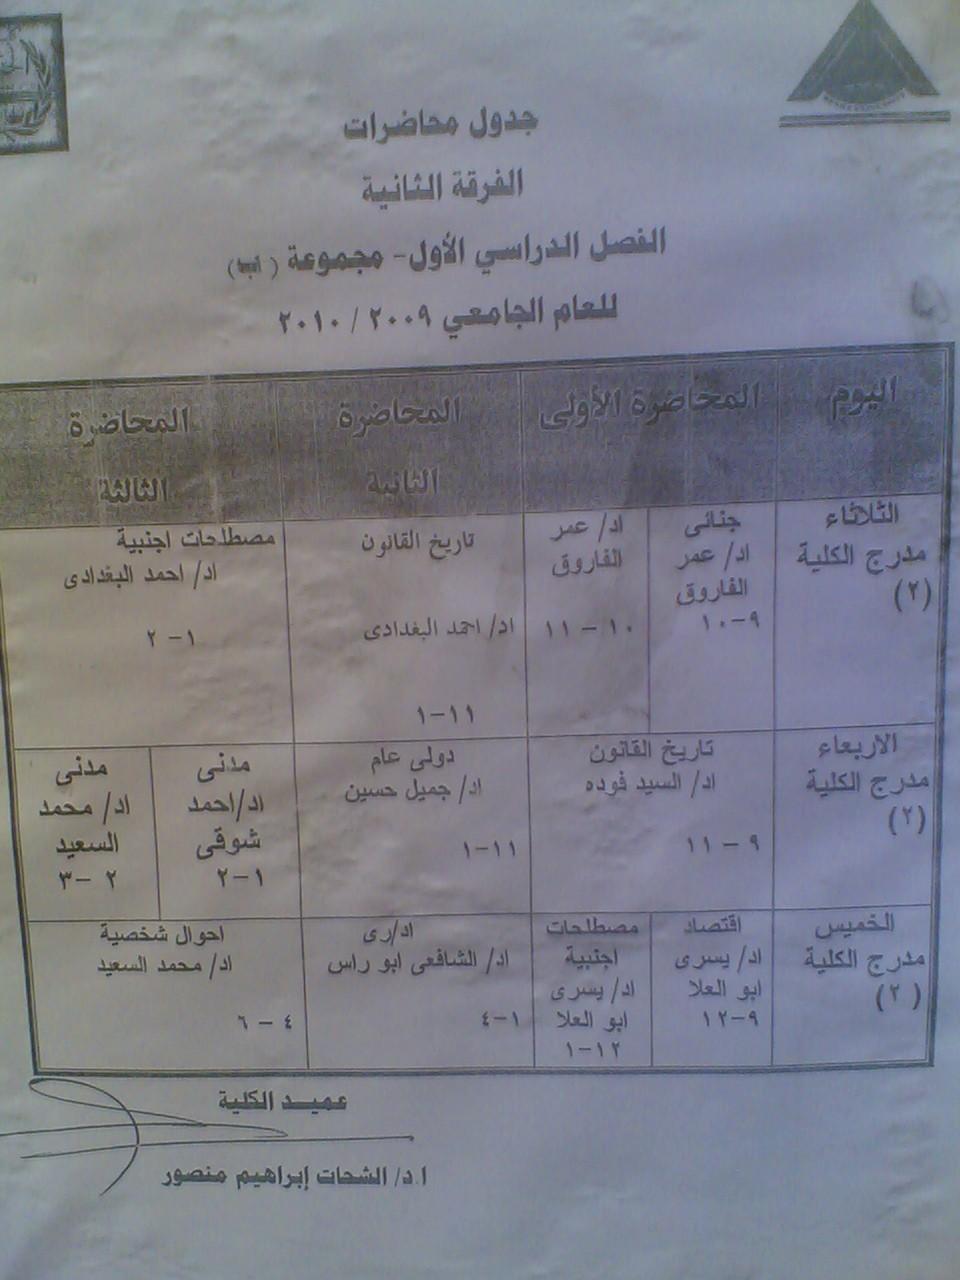 جدول محاضرات الفرقة الثانية 2l88bh10